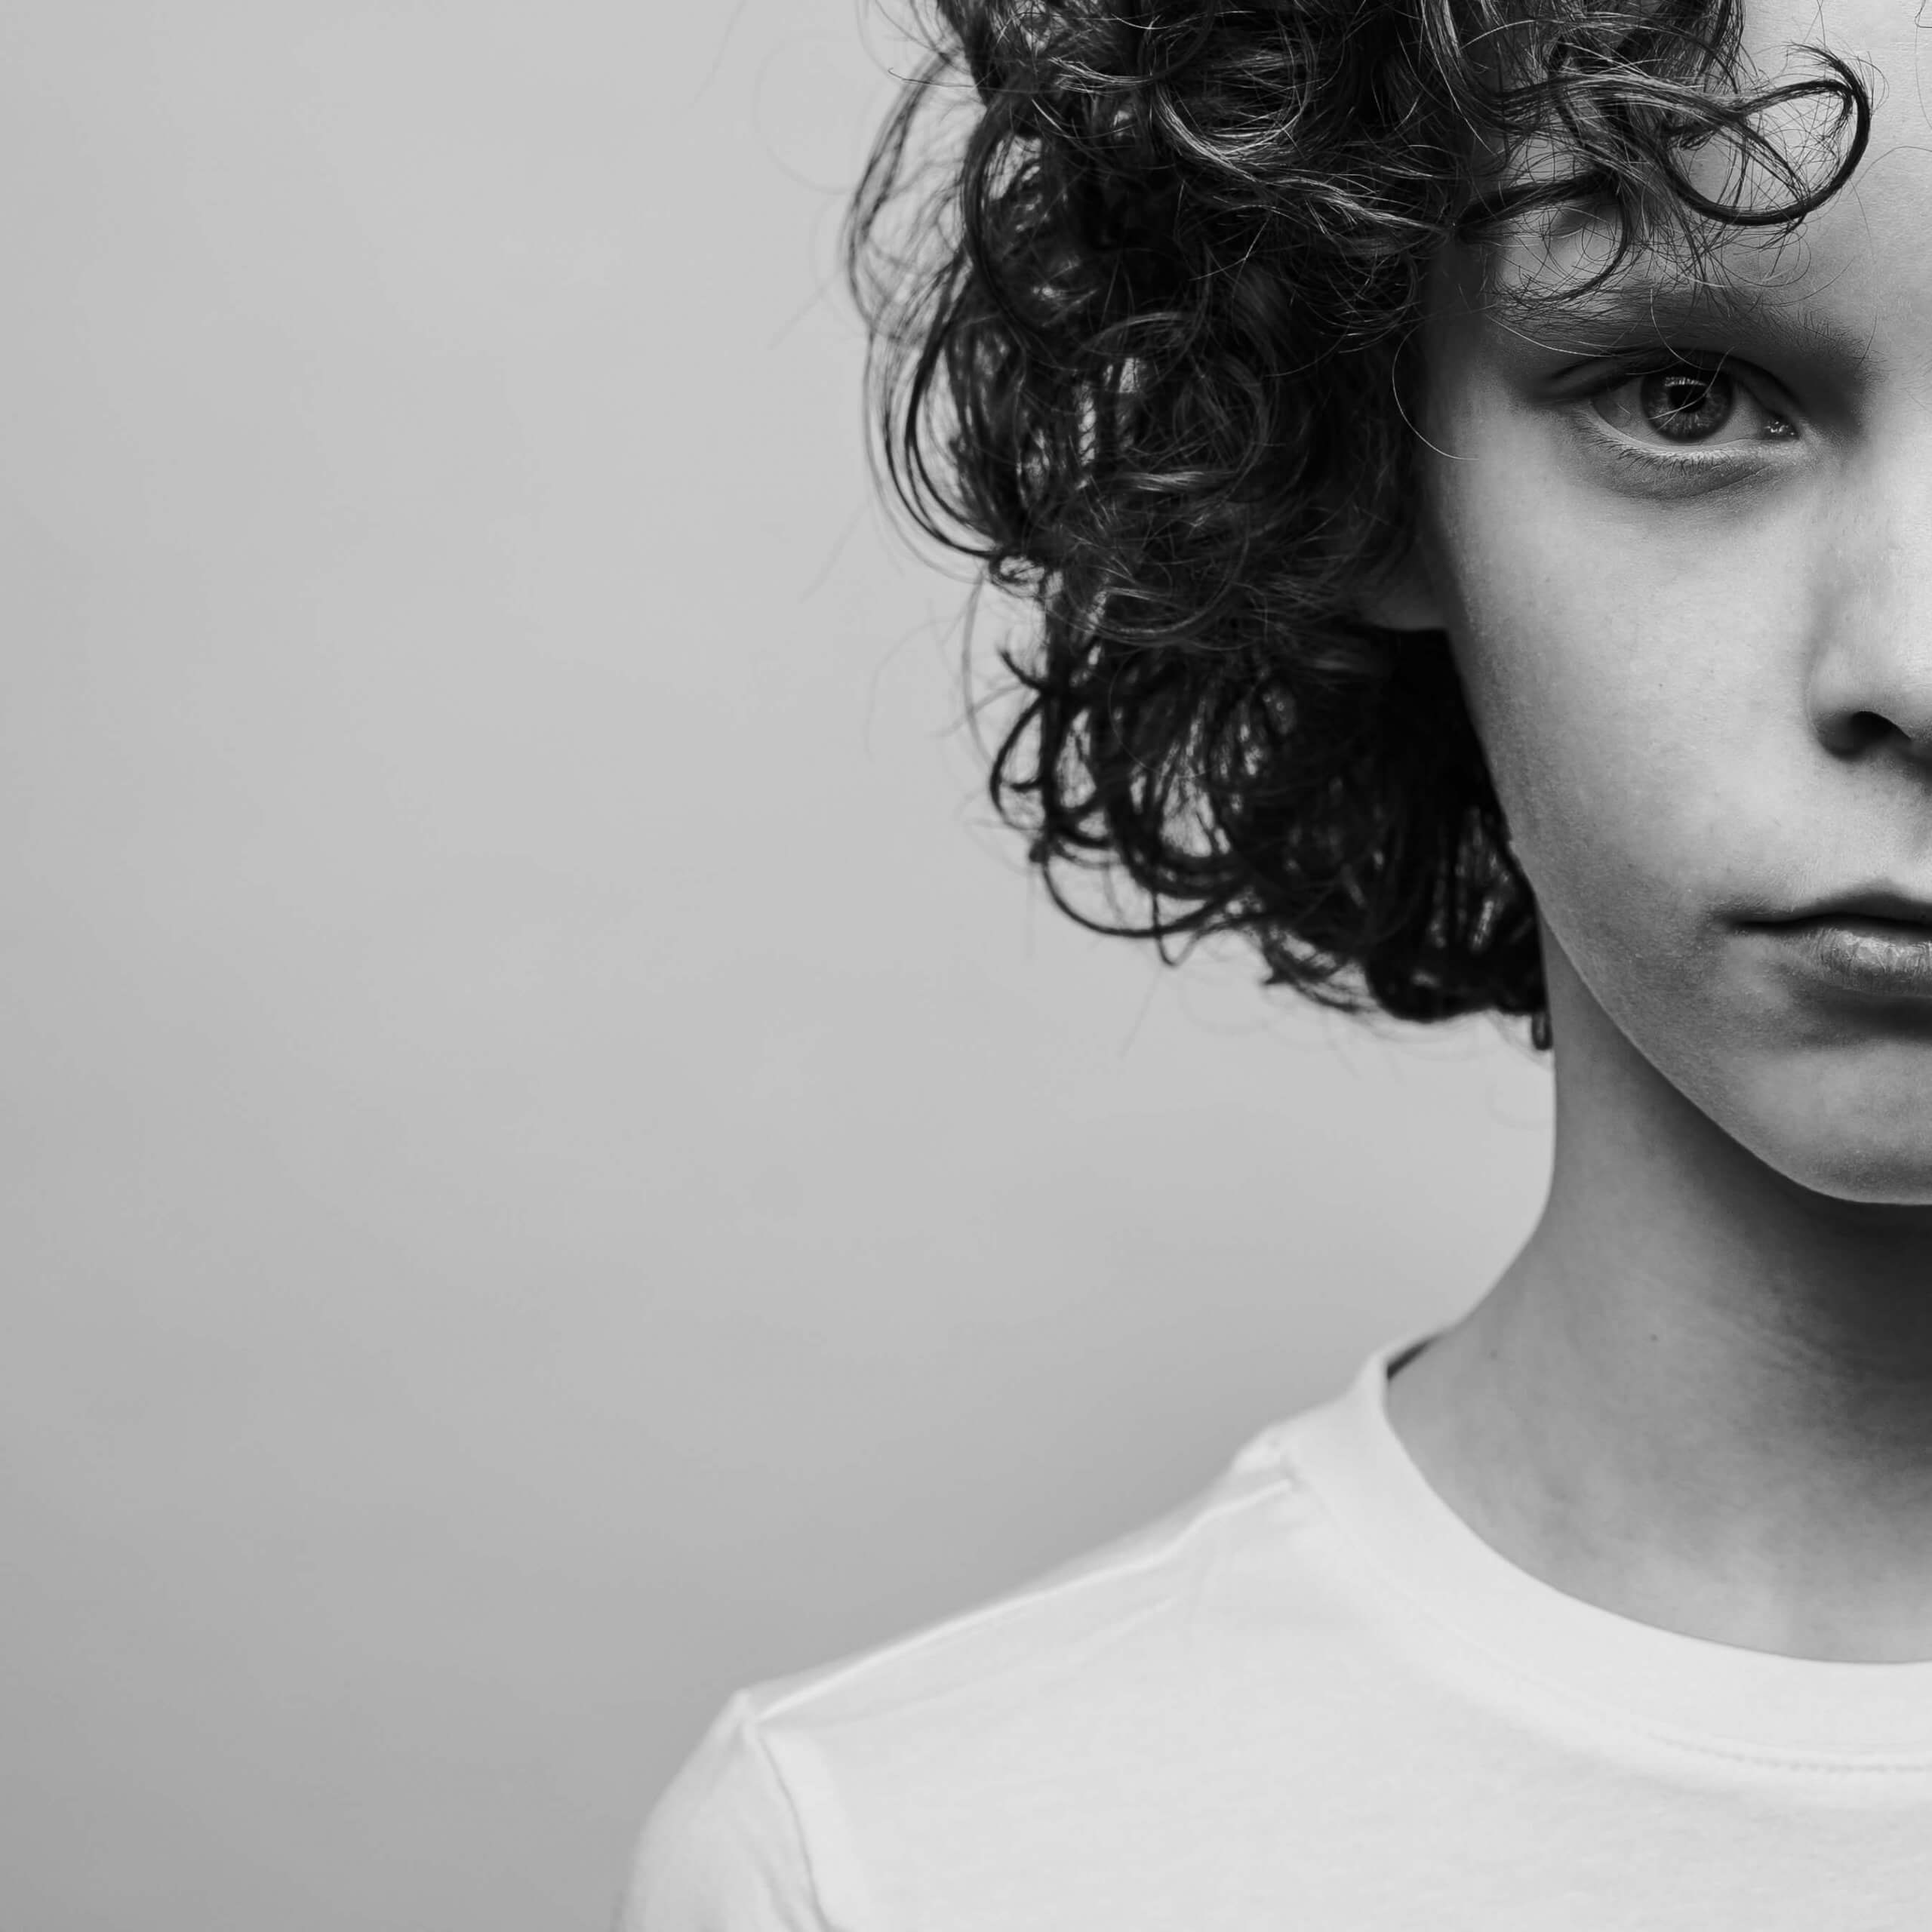 Portret jongen studio fotoshoot zwart wit